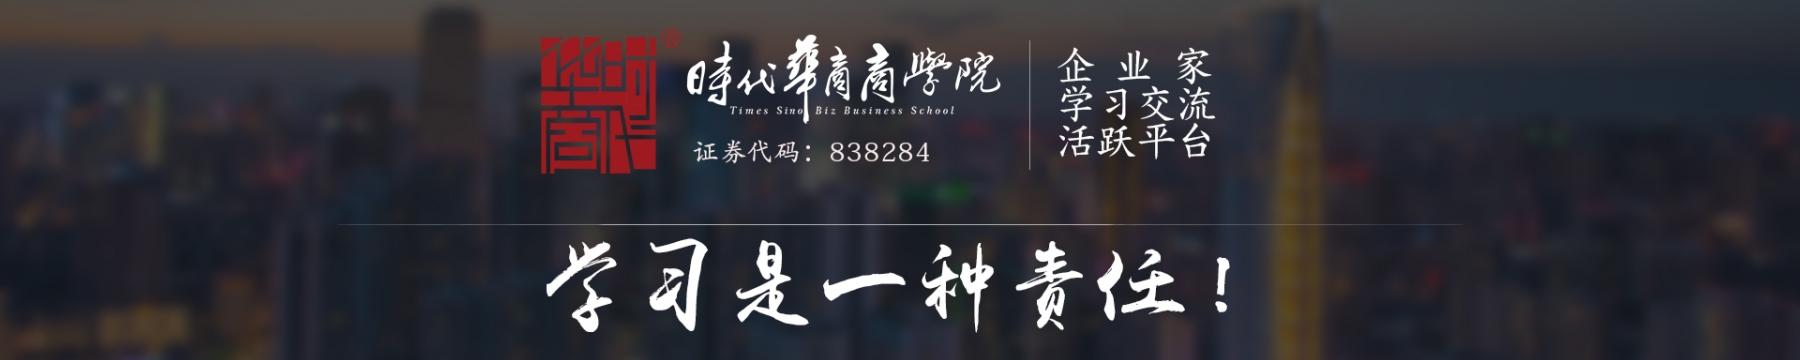 广州时代华商学院